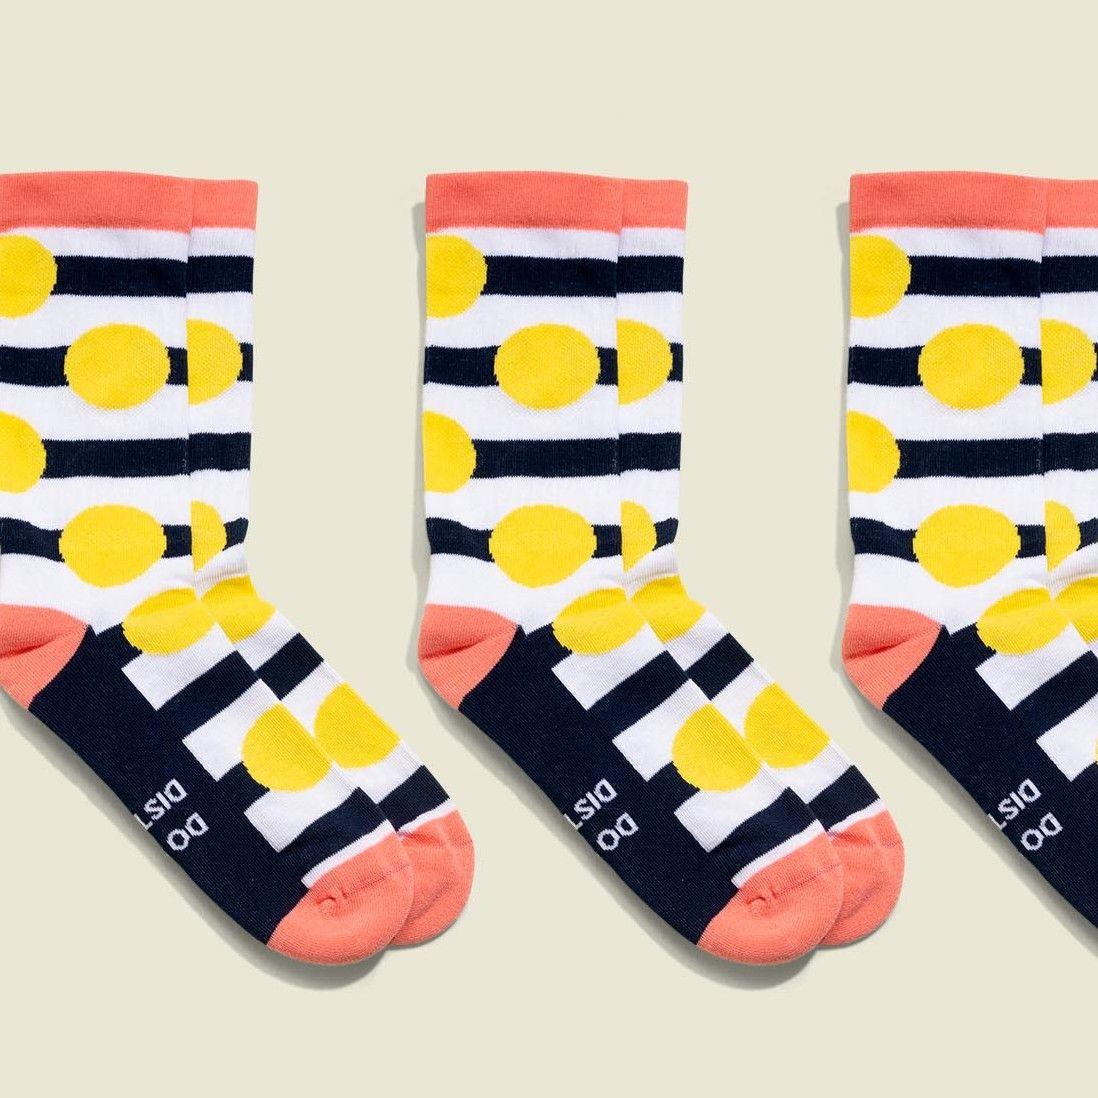 Three socks